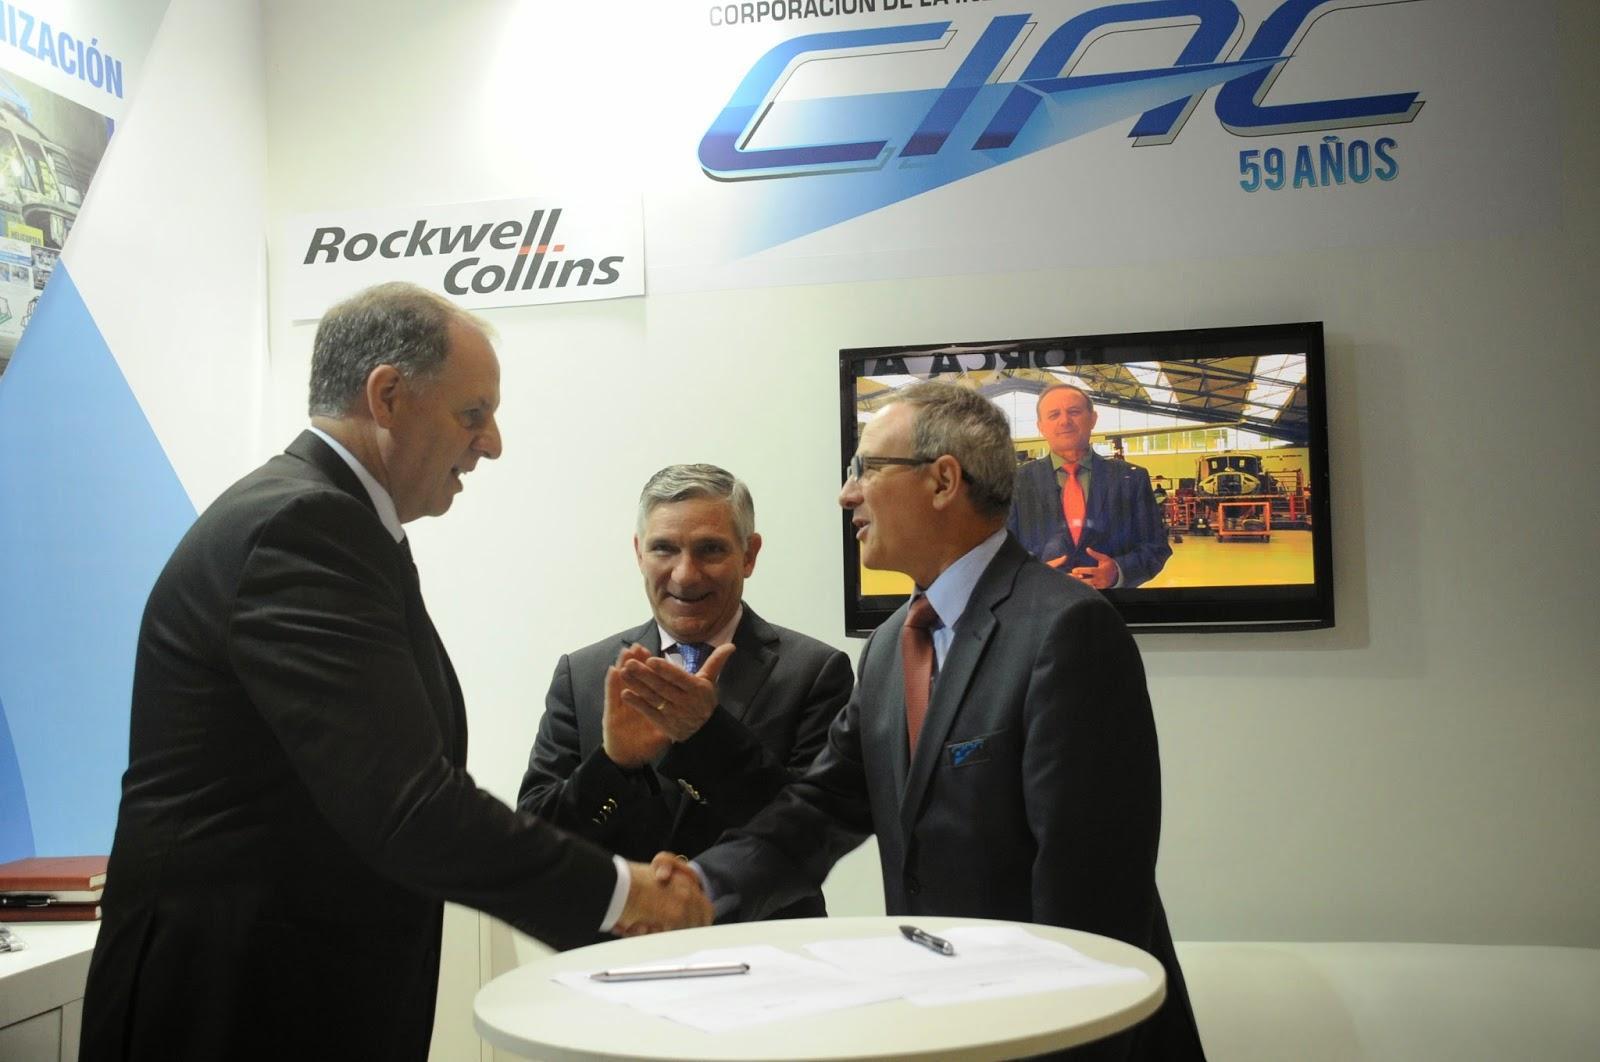 a Corporación de la Industria Aeronáutica Colombiana (CIAC) y la compañía estadounidense Rockwell Collins firmaron un acuerdo para la reparación y mantenimiento de los sistemas de aviónica de las Fuerzas Armadas y de la Policía de Colombia.